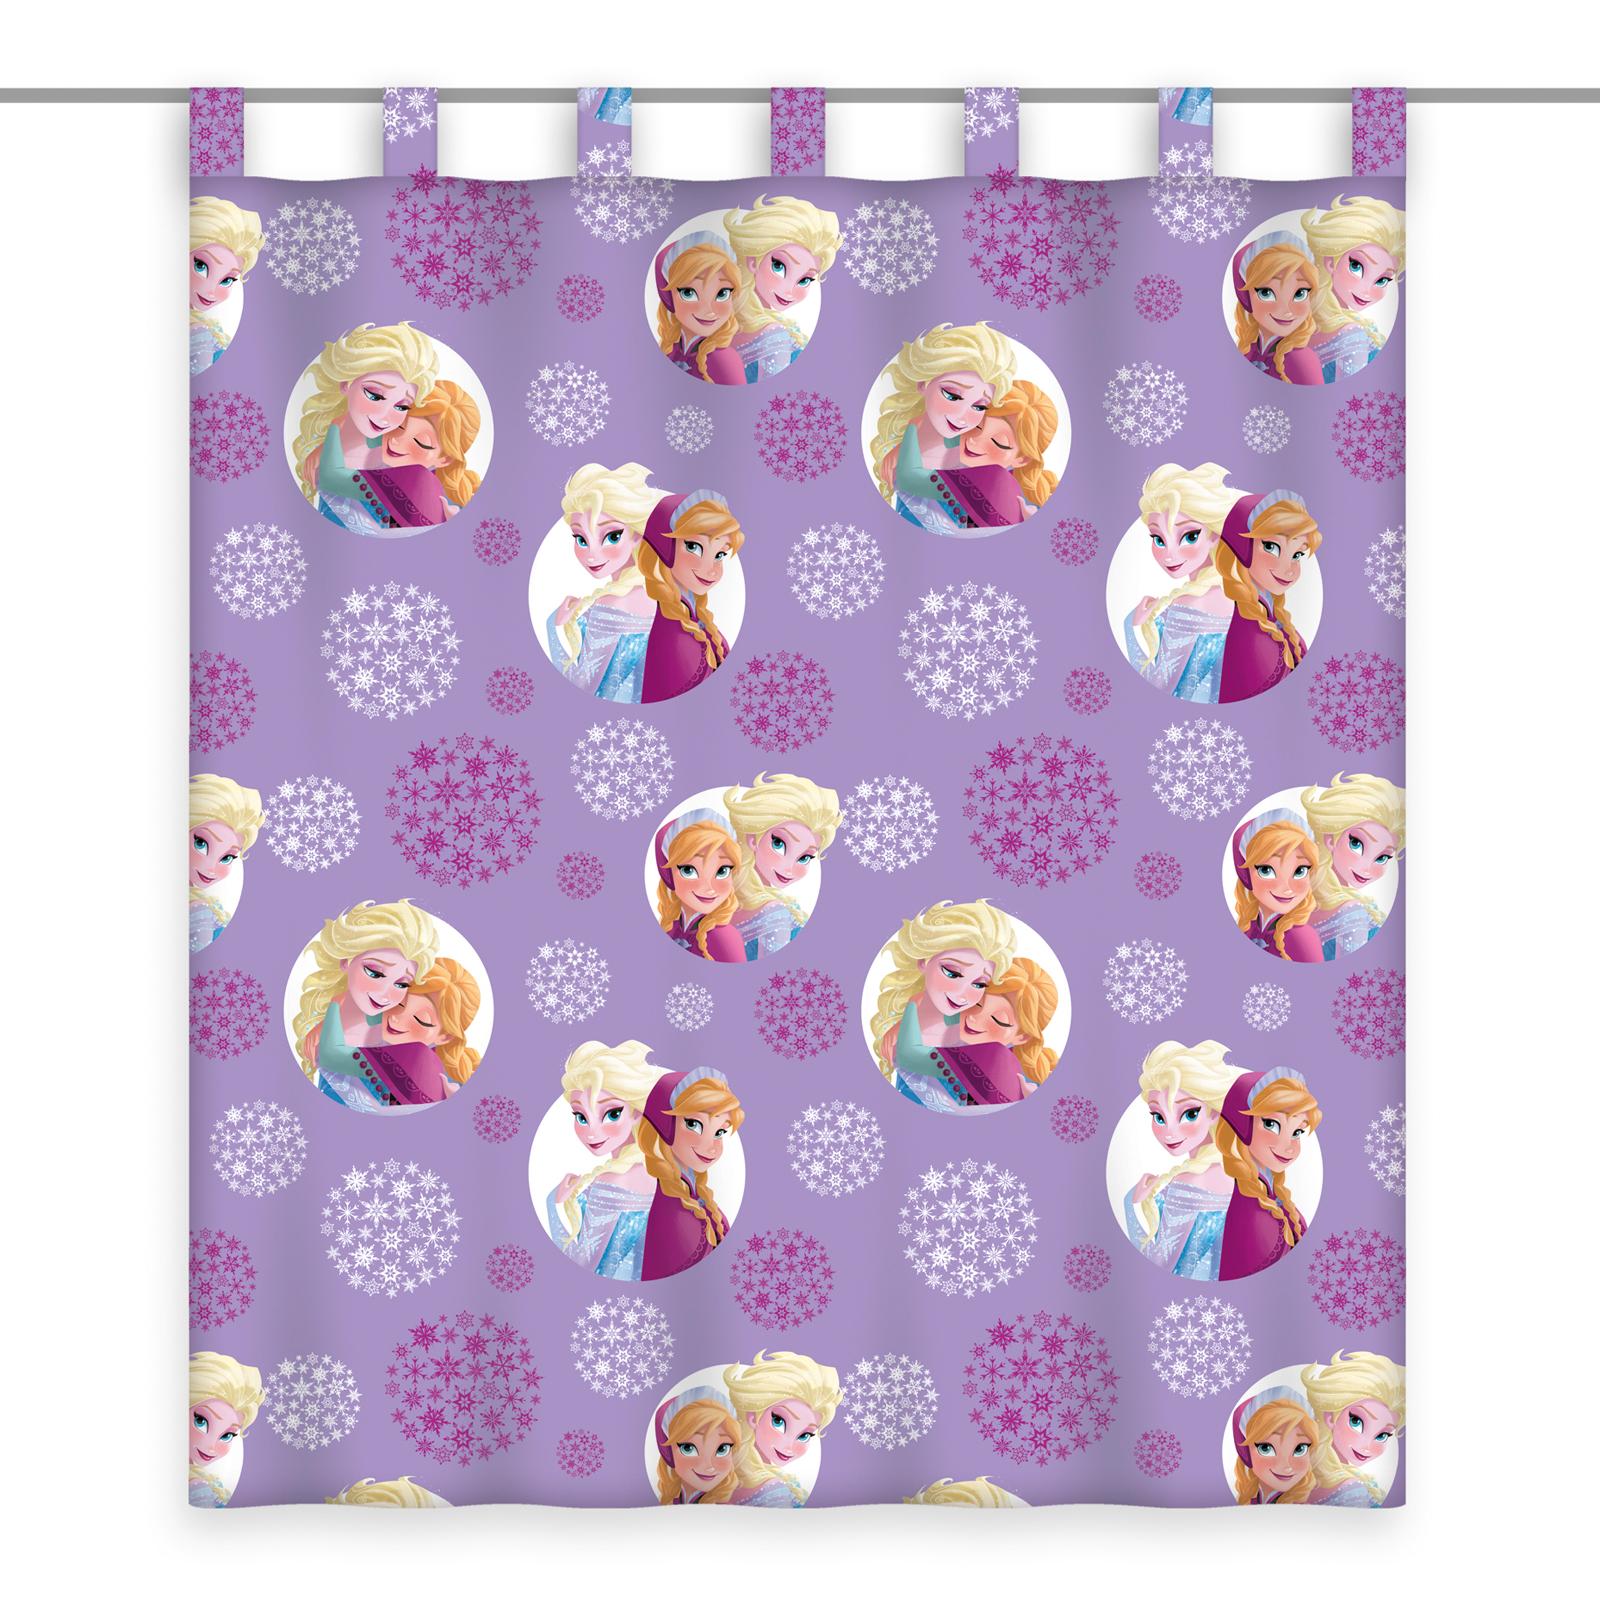 Full Size of Schlaufenschal Kinderzimmer Eisknigin Elsa Und Anna Lila 140x160 Cm Sofa Regale Regal Weiß Kinderzimmer Schlaufenschal Kinderzimmer